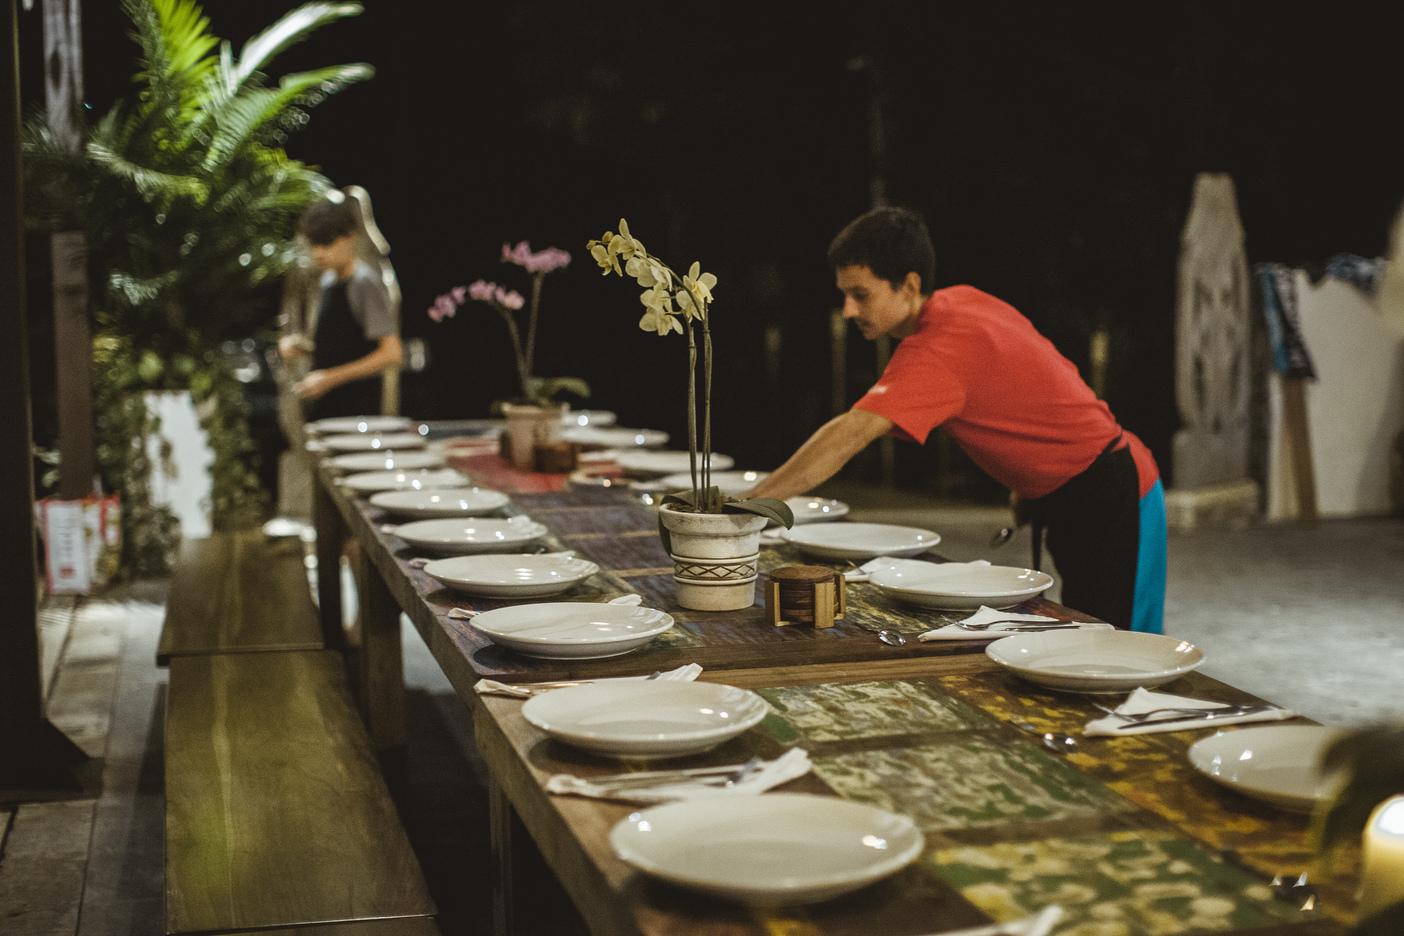 costa-rica-yoga-retreat-venue-experience-retreats_socialspace_wildleadership.jpg